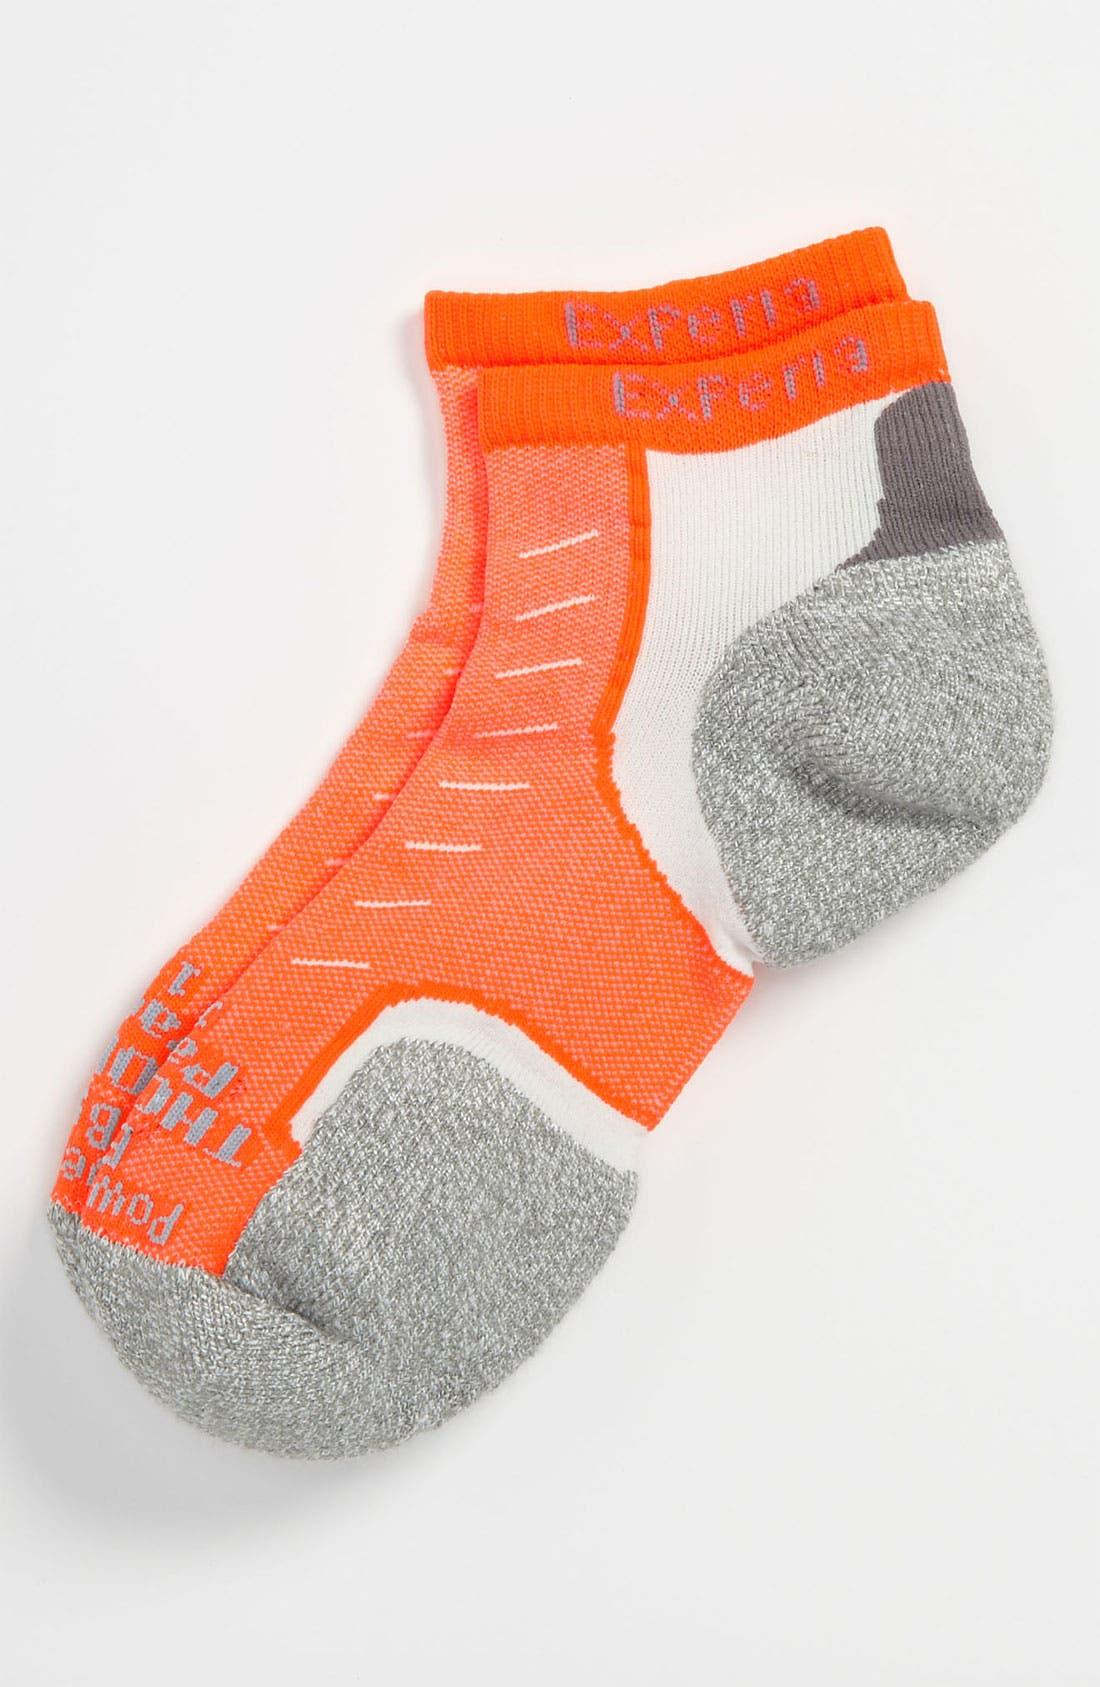 Main Image - Thorlo 'Experia' Running Socks